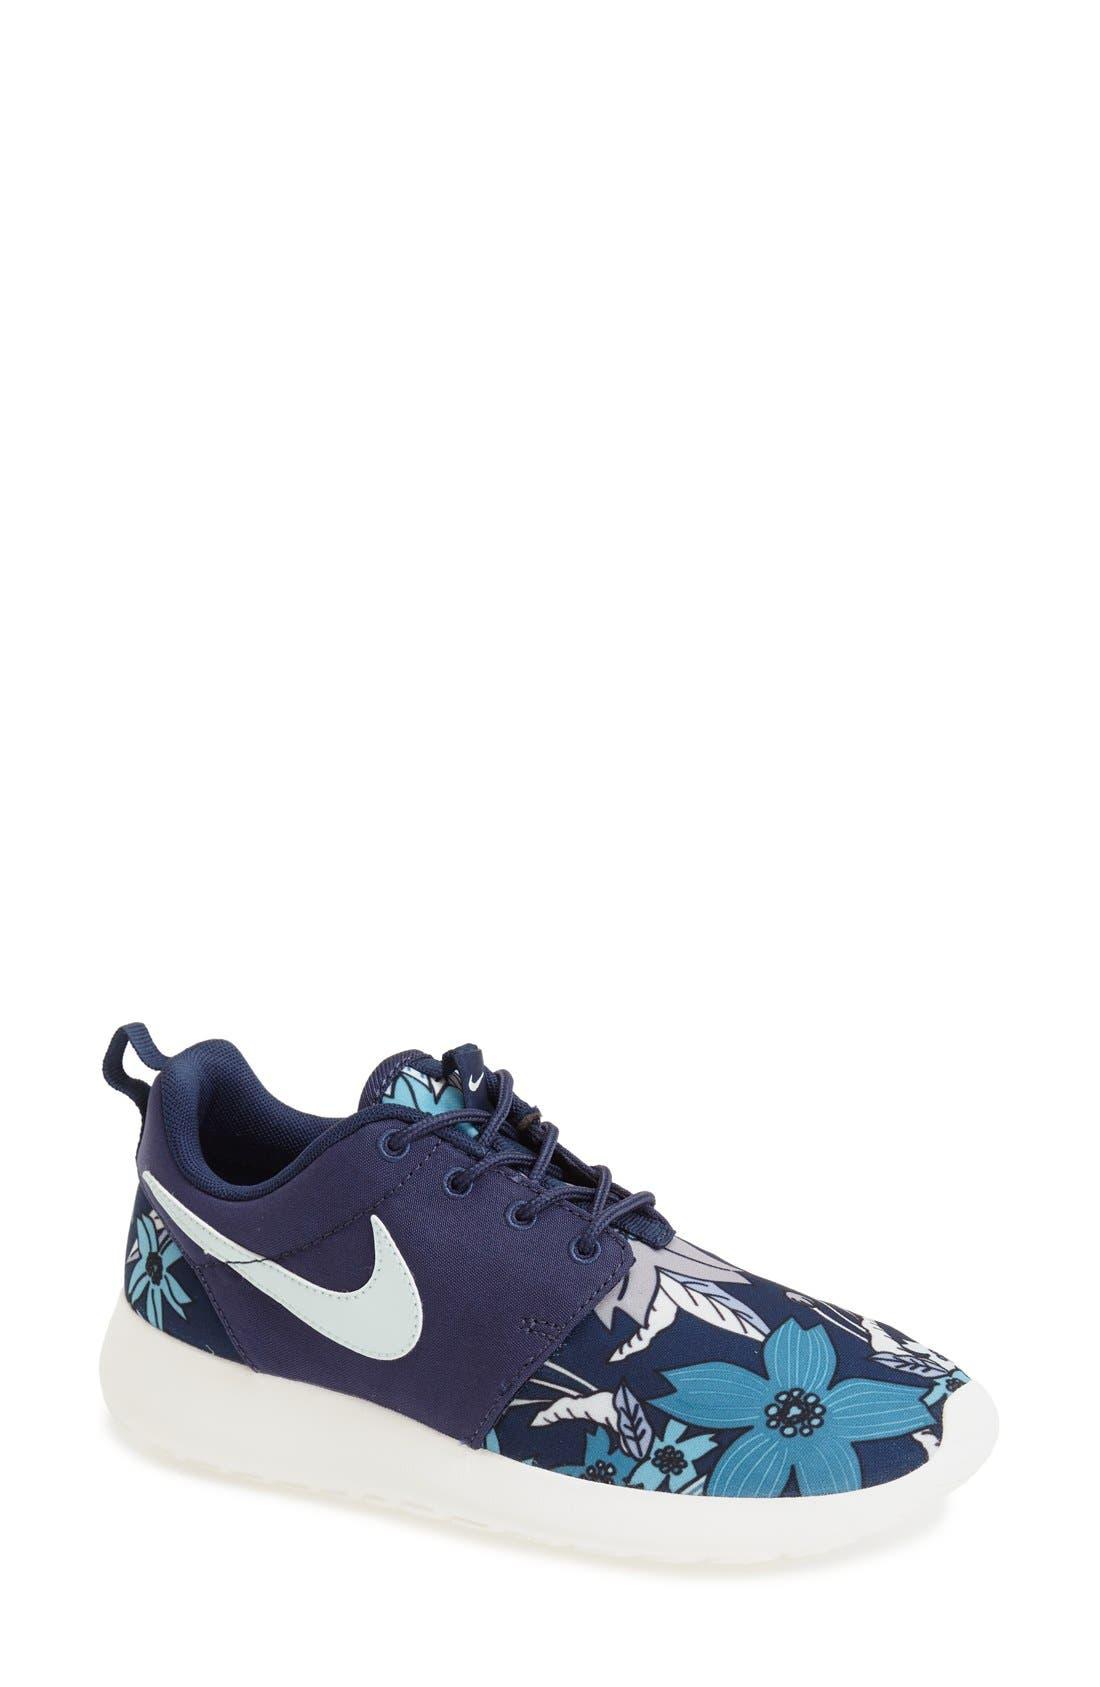 Alternate Image 1 Selected - Nike 'Roshe Run' Print Sneaker (Women)